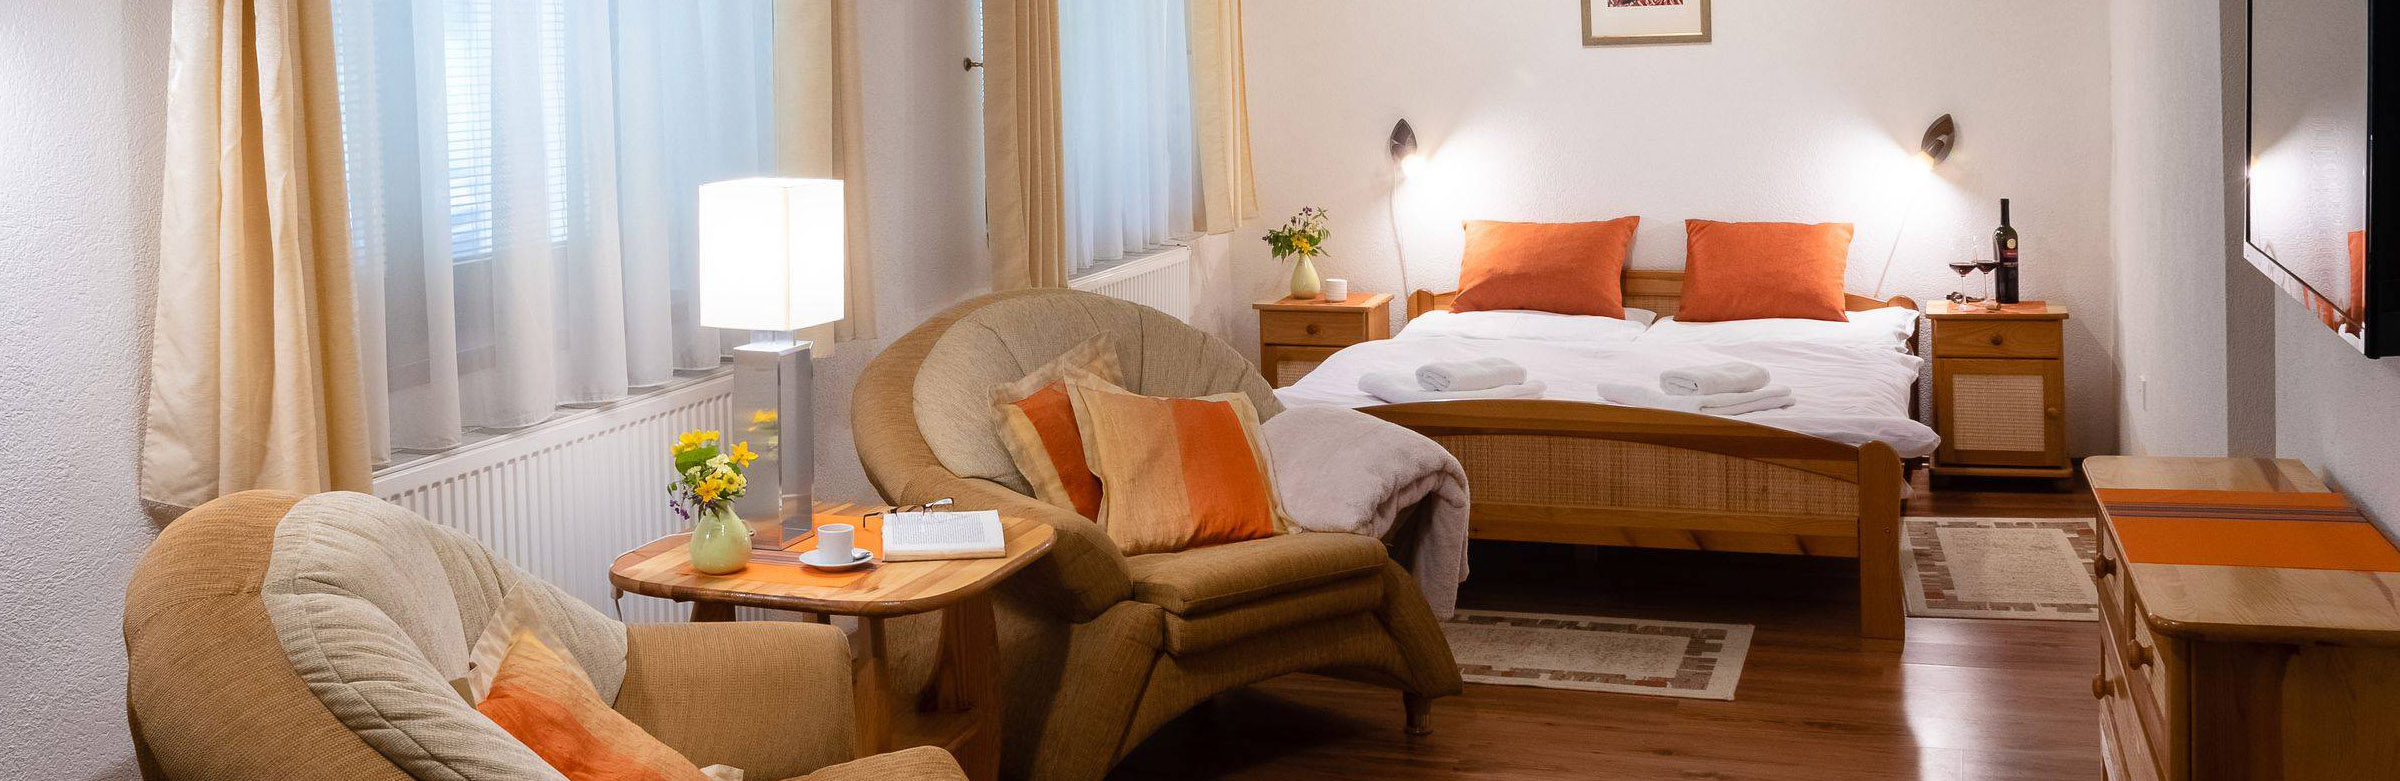 Ponúkame pohodlné ubytovanie s kapacitou až do 120 lôžok